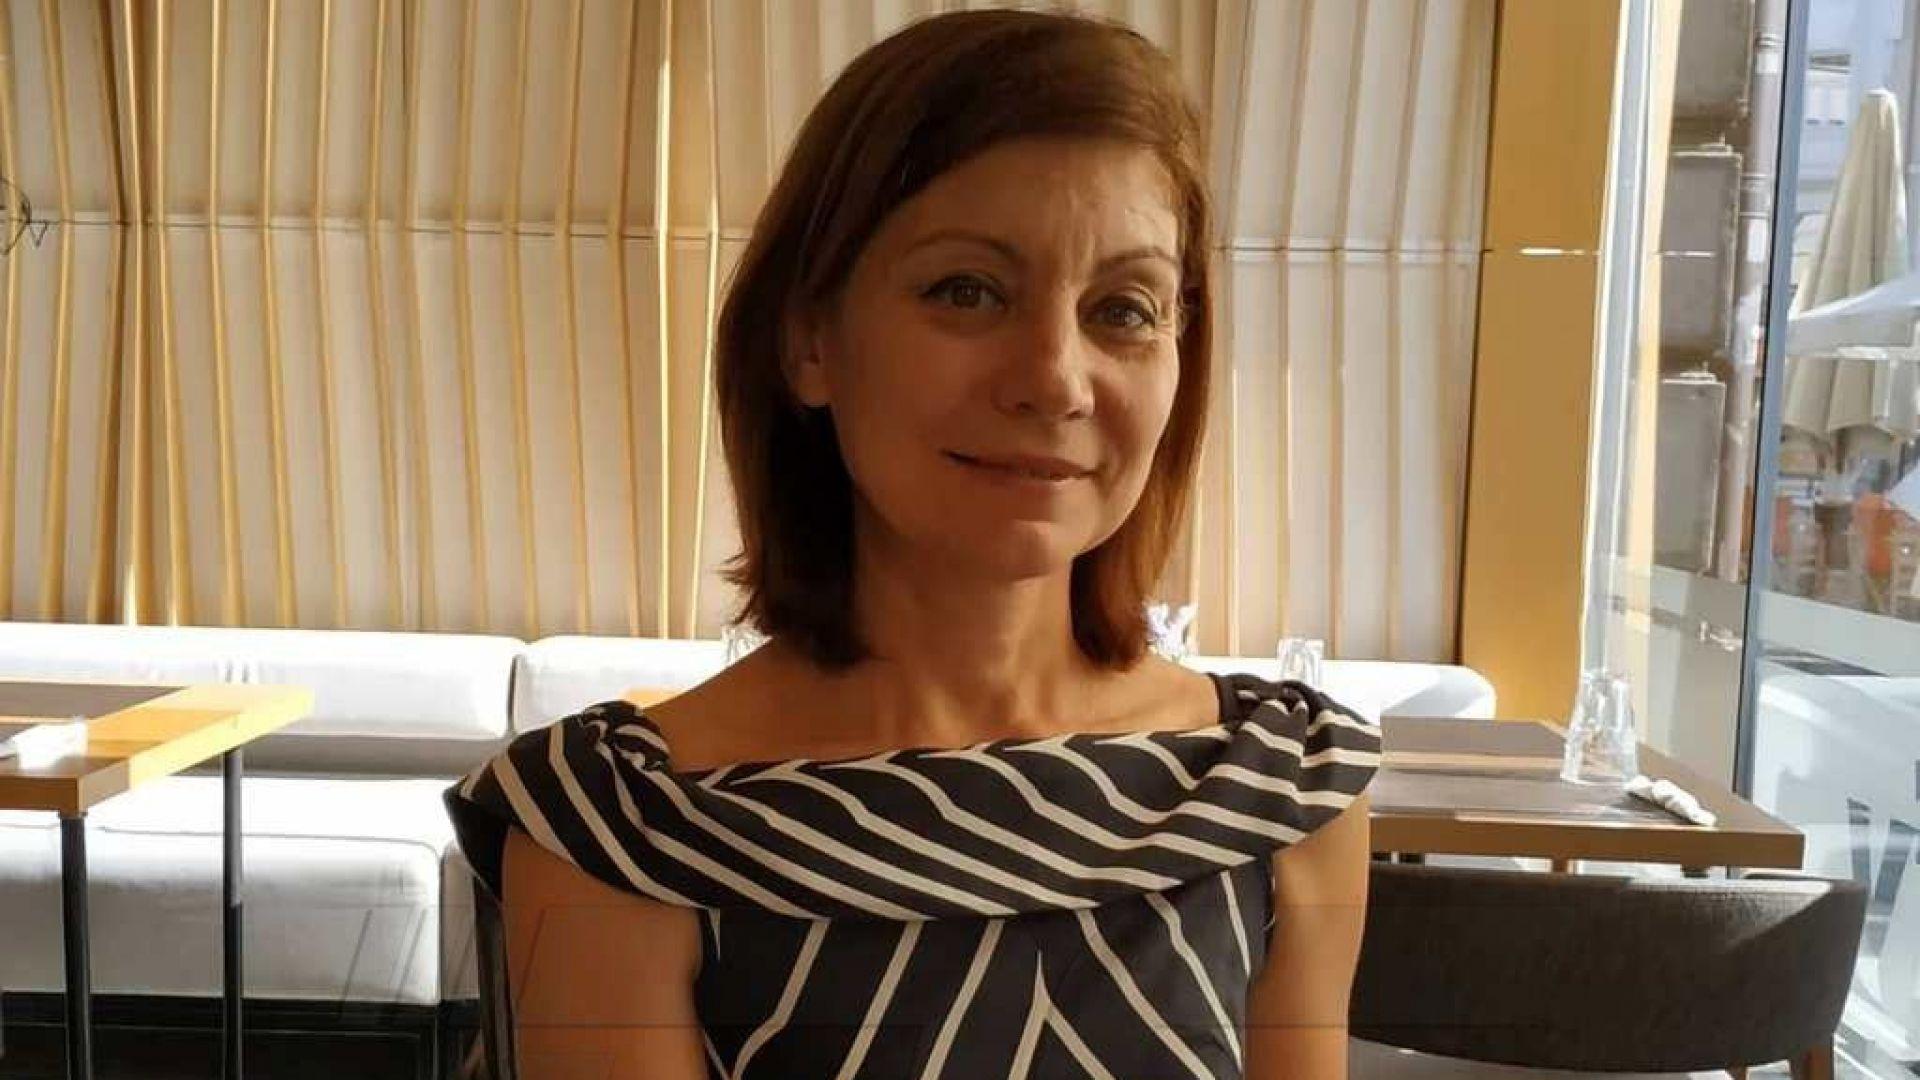 Лучия Велева, съпругата на италианския културен министър: За щастието, България и проблемите